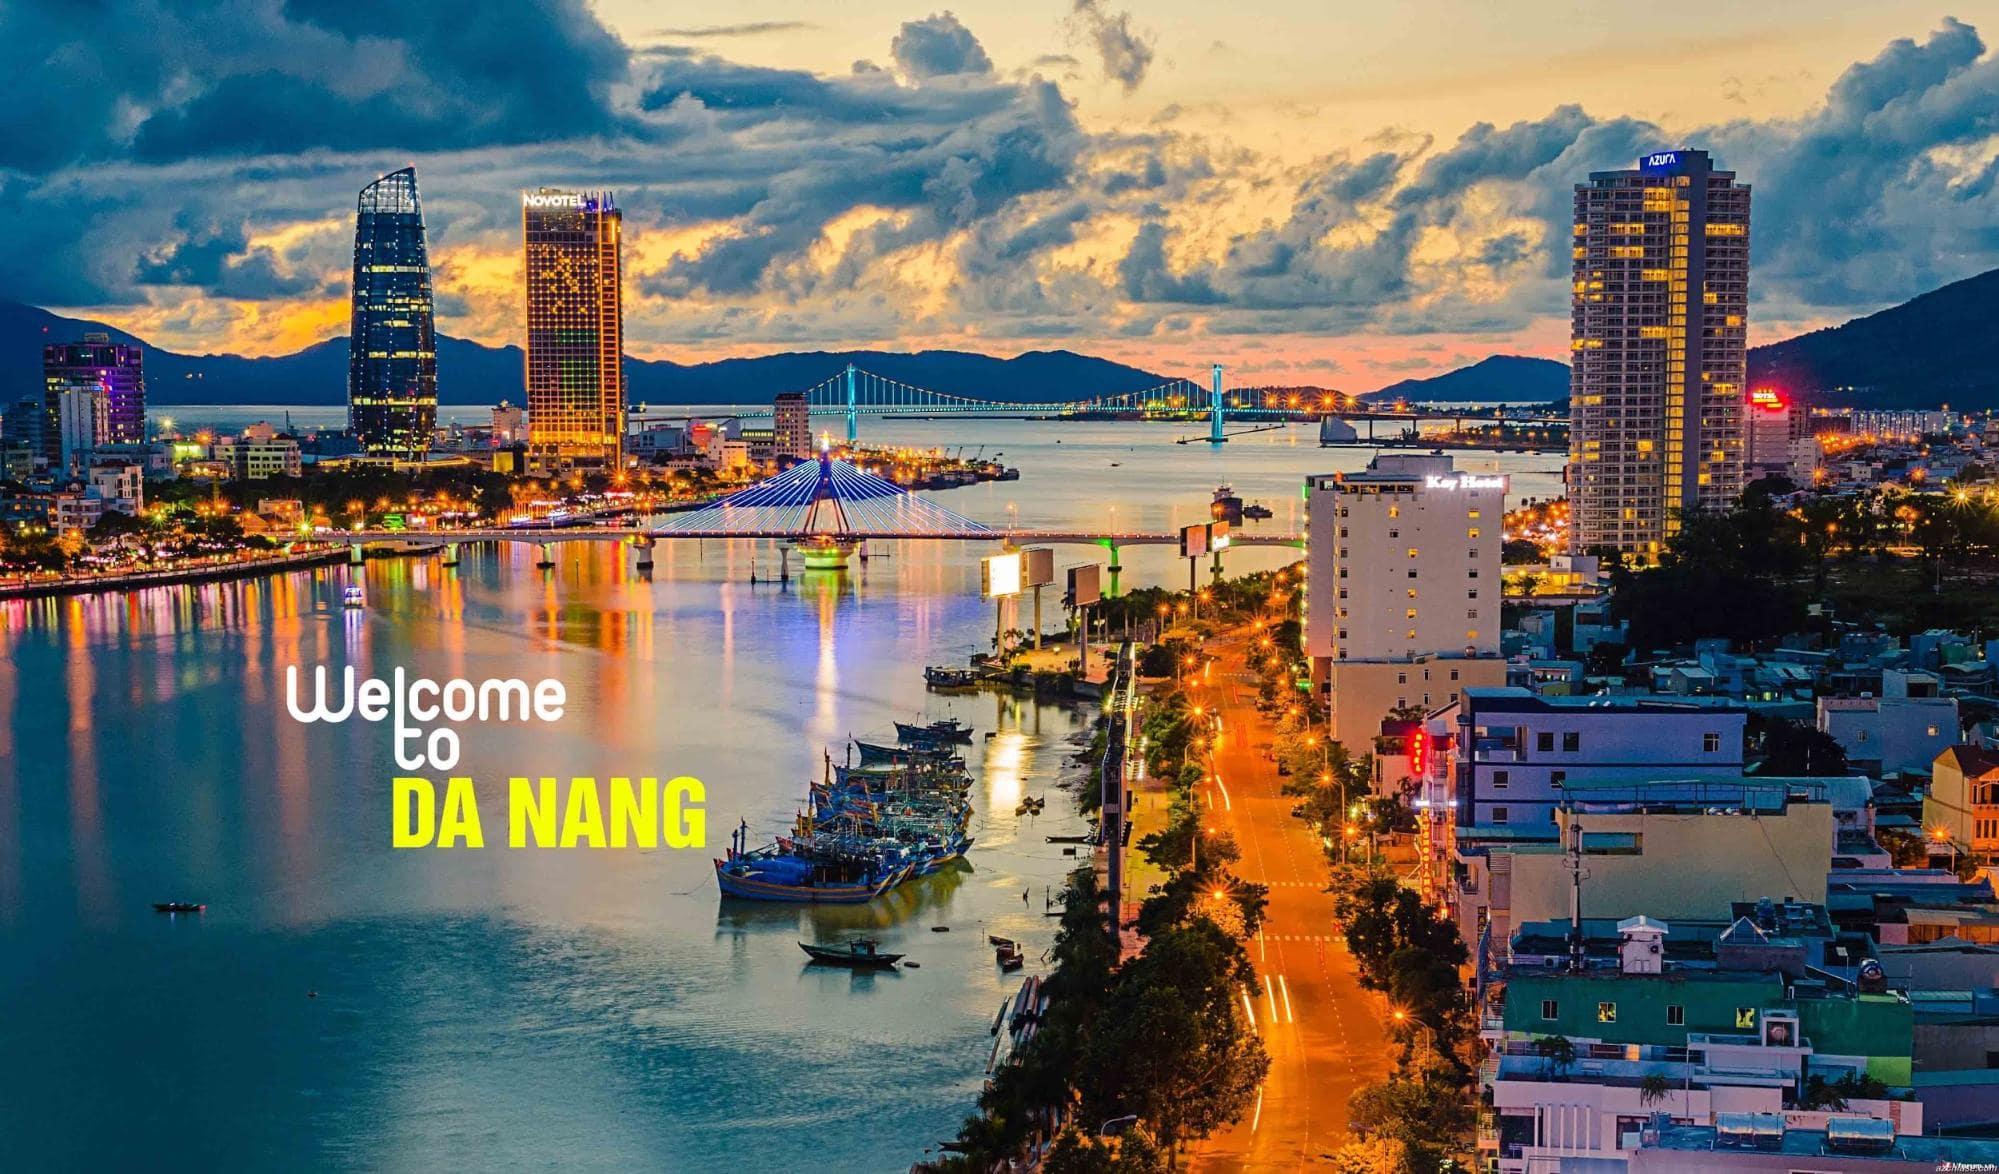 Du lịch Đà Nẵng 4 ngày 3 đêm 1